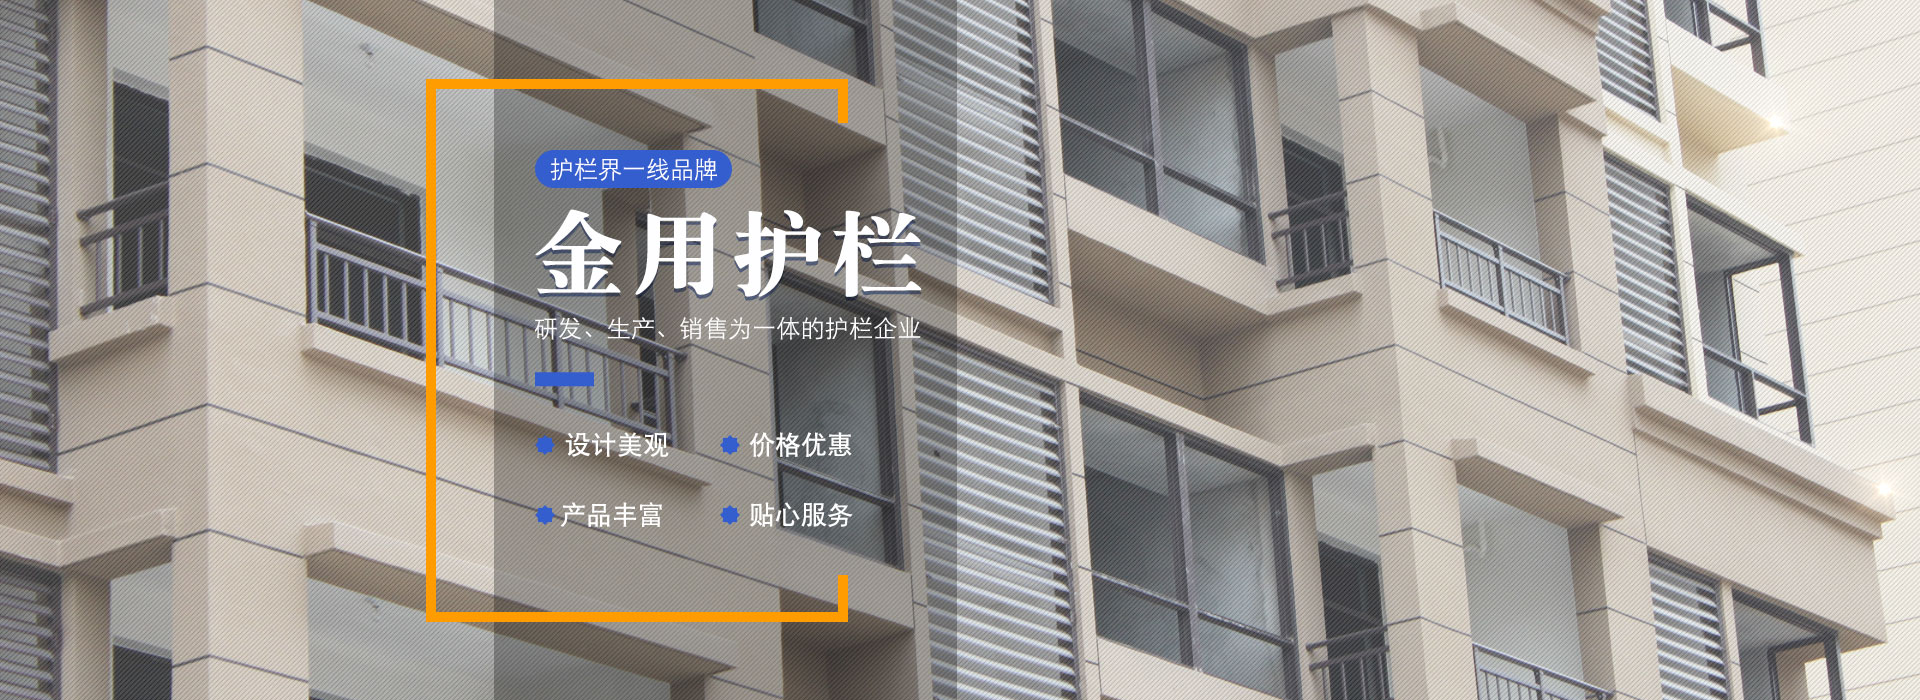 安徽金用护栏厂家官方网站